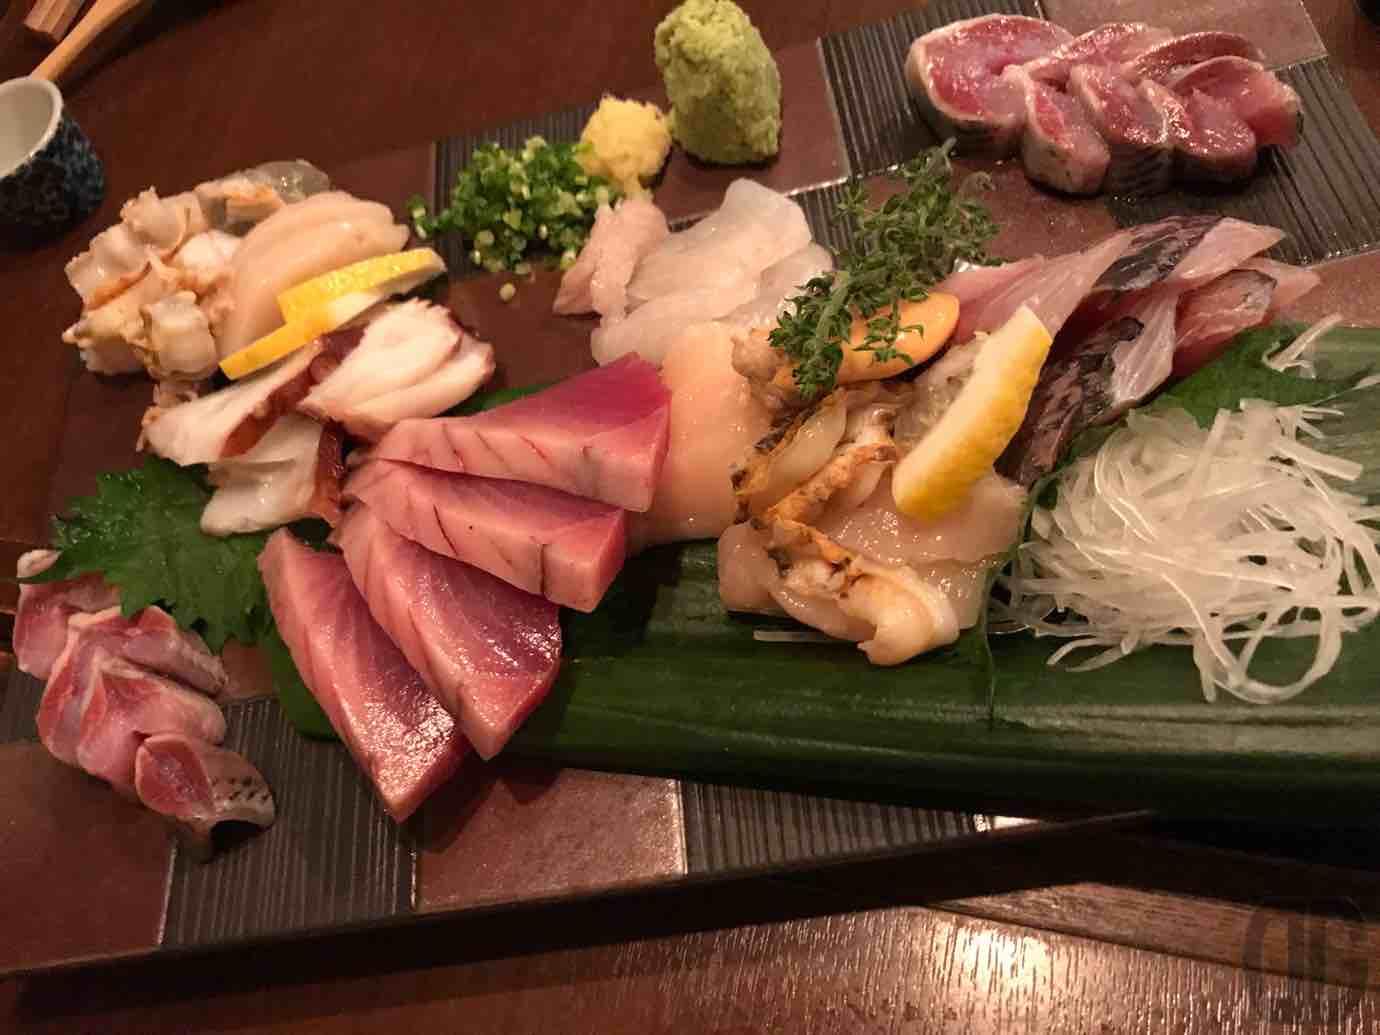 貝とぬる燗 潮音(しおん)(秋葉原)で夏の魚と貝と肴をいただき、その美味しさに感動する